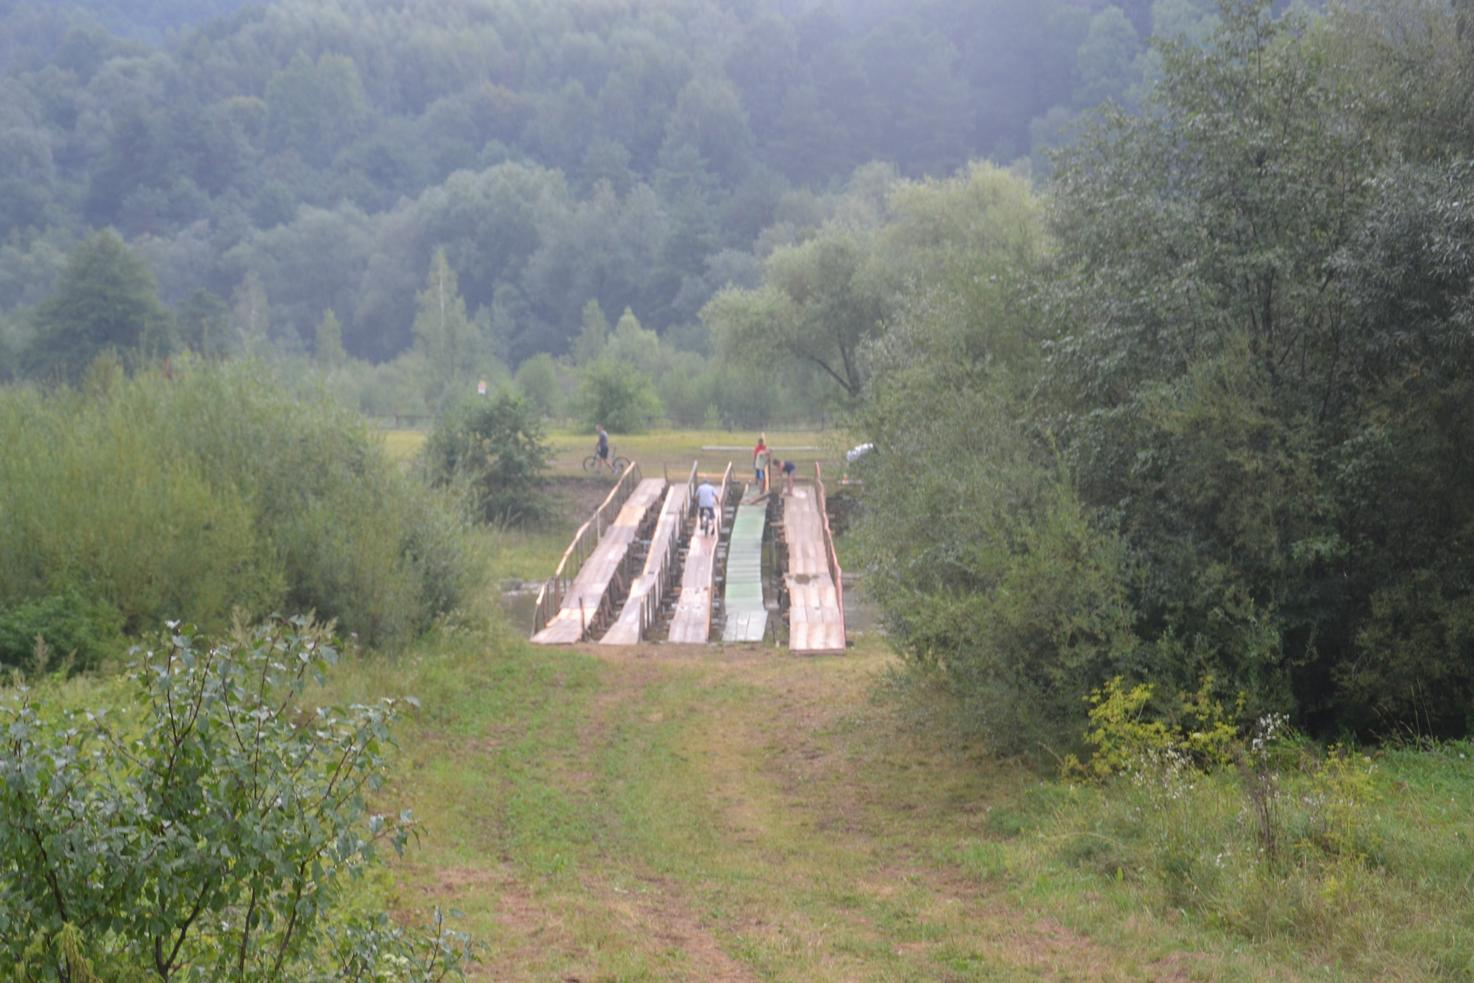 15 Piesza Pielgrzymka Krosno - Kalwaria Pacławska - dzień czwarty 12 sierpnia 2017 (96)